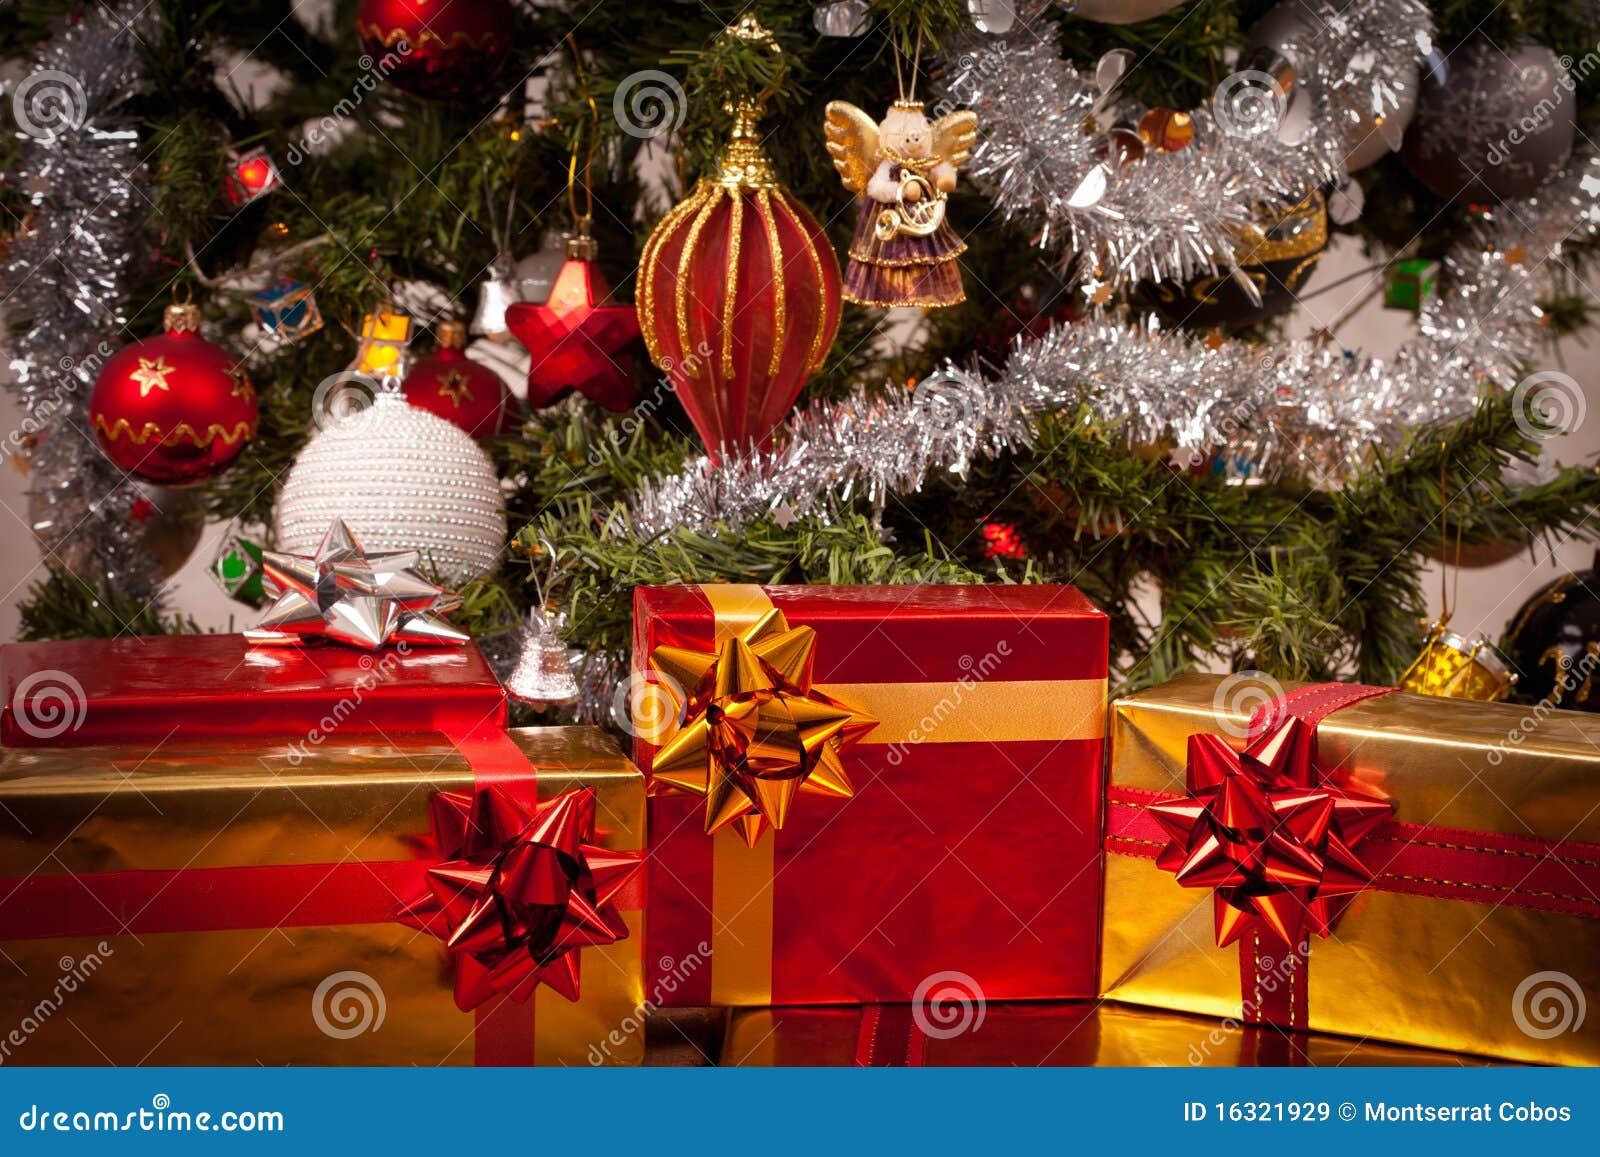 Rect ngulos de regalo adornados bajo el rbol de navidad for Imagenes de arbolitos de navidad adornados